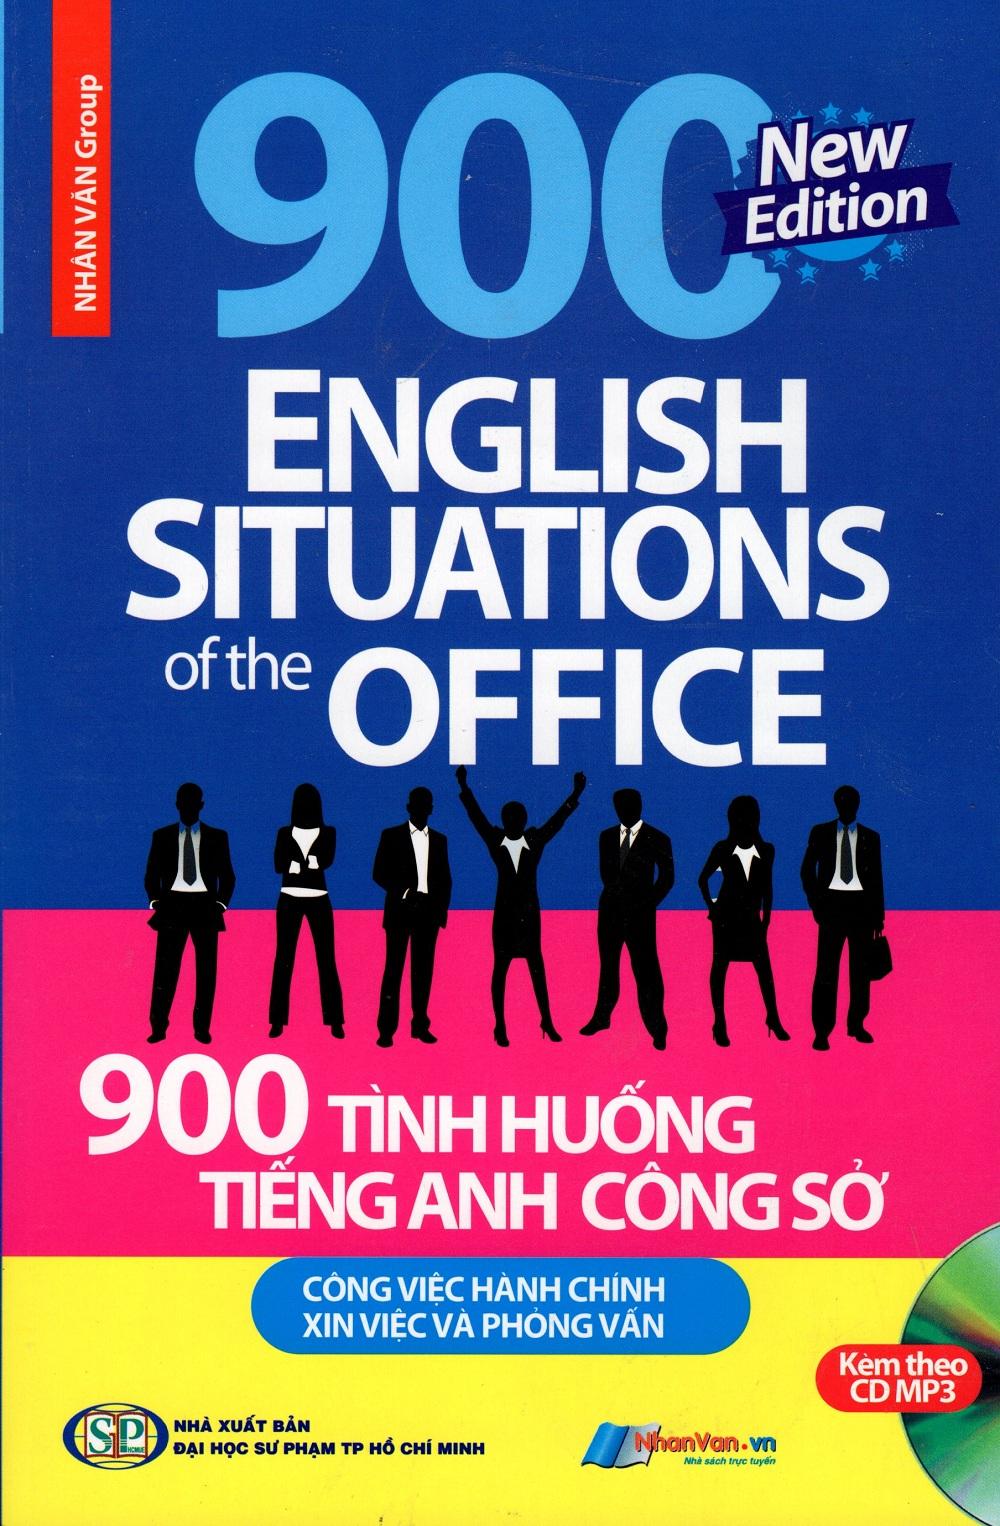 Bìa sách 900 Tình Huống Tiếng Anh Công Sở Công Việc Hành Chính - Xin Việc  Phỏng Vấn (Kèm CD)